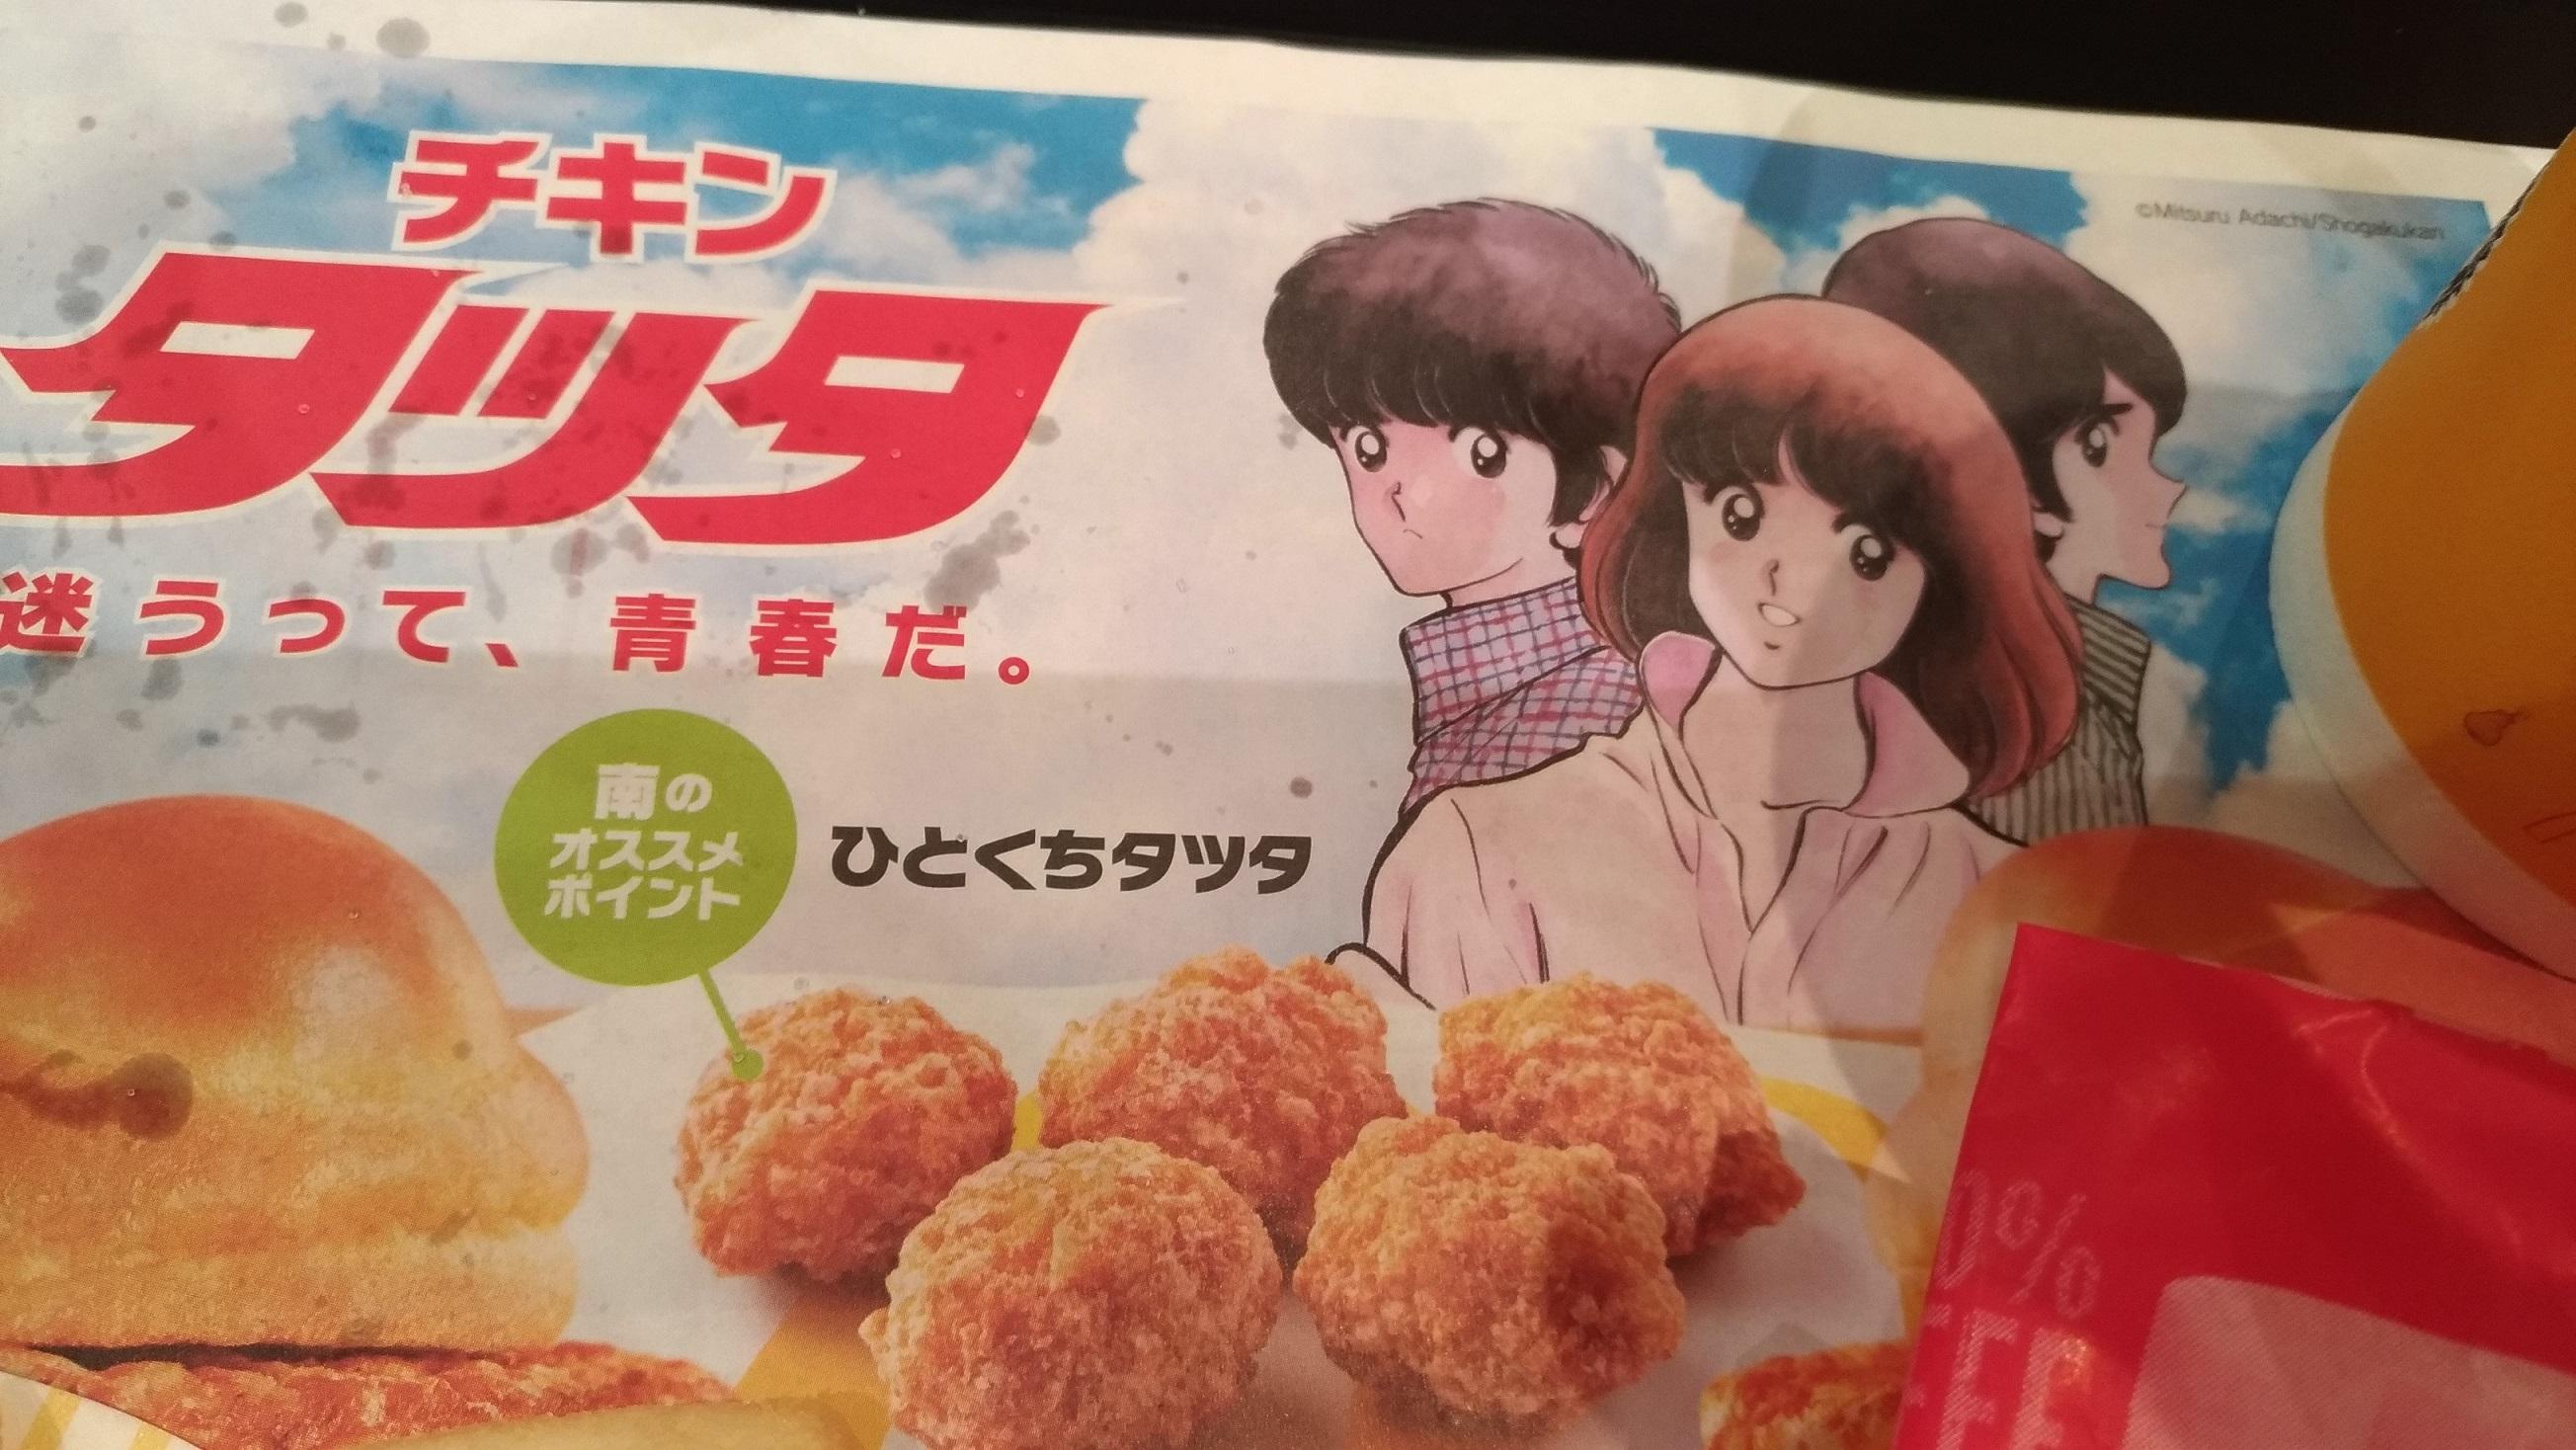 chikin_tatsuta_mac_2021_02_.jpg